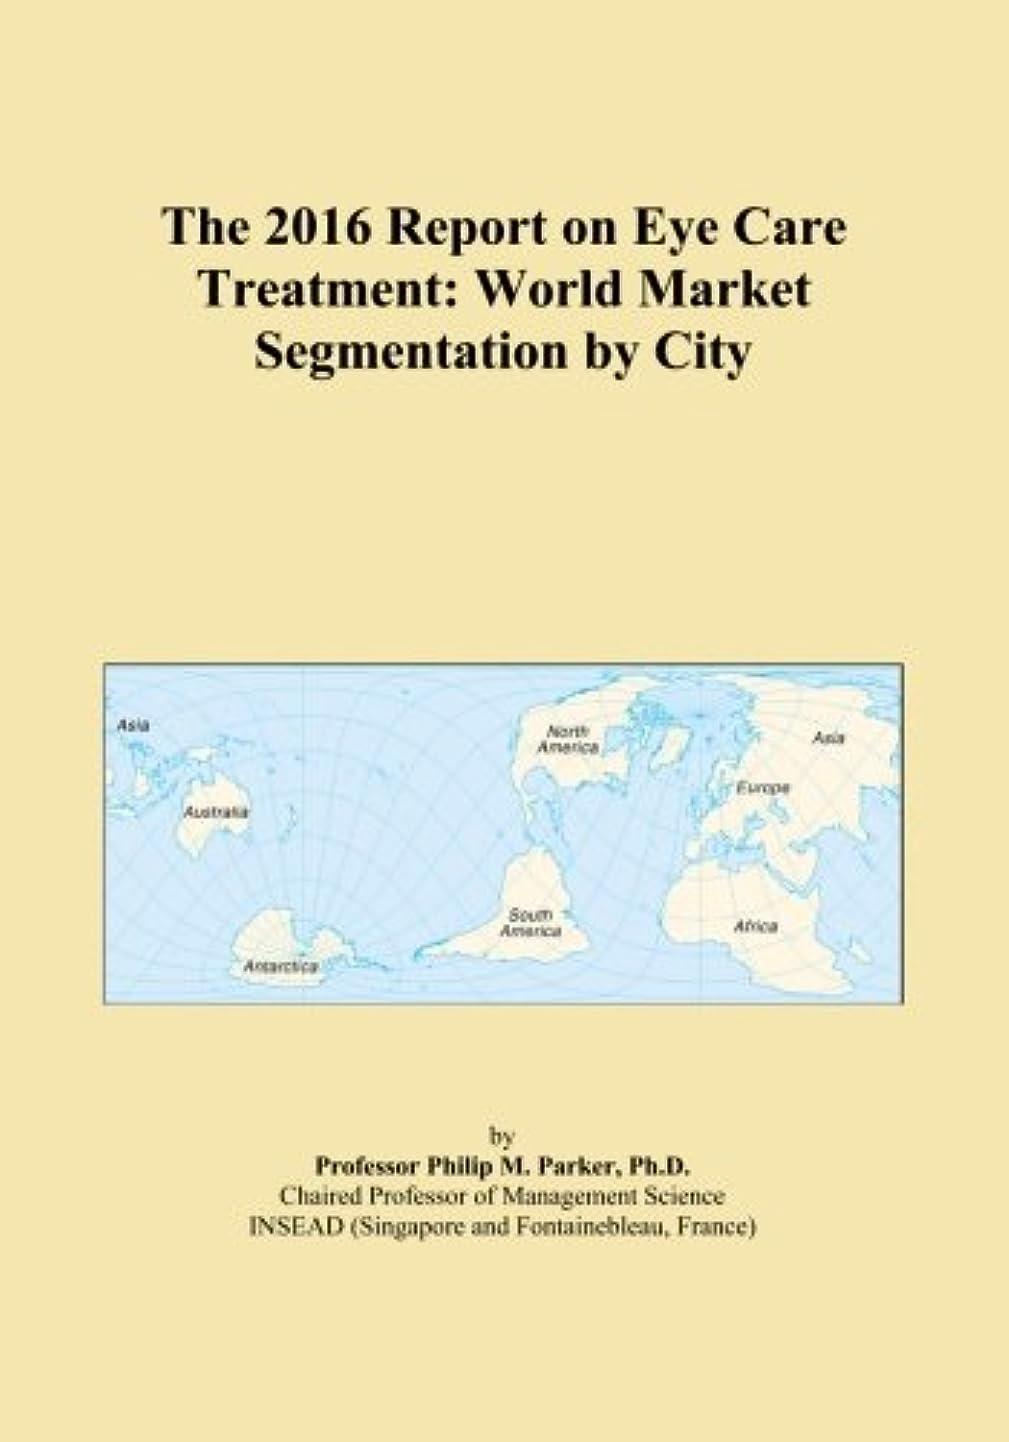 肯定的壁紙線The 2016 Report on Eye Care Treatment: World Market Segmentation by City